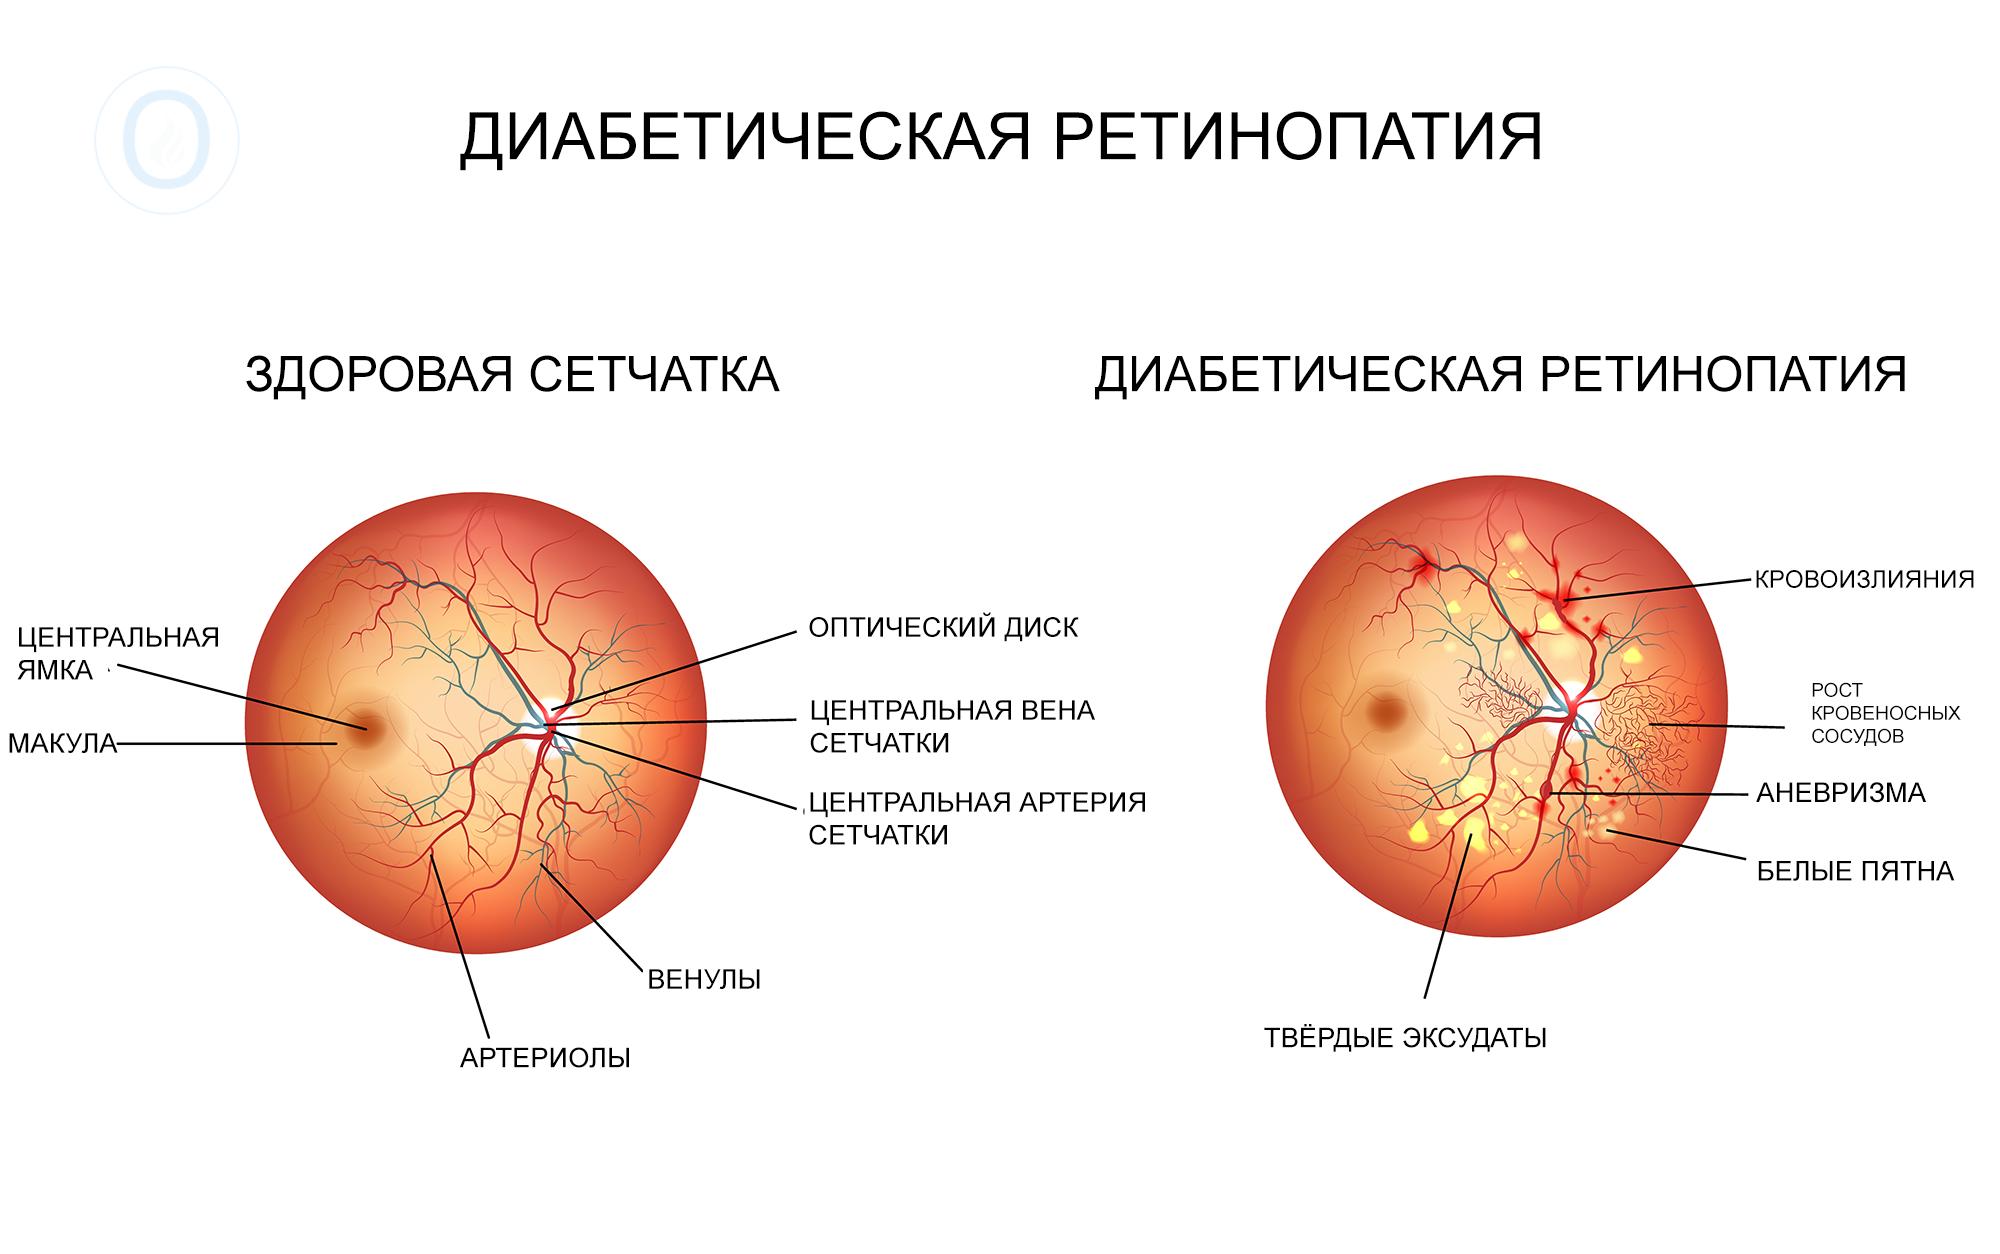 диабетическая ретинопатия сравнение